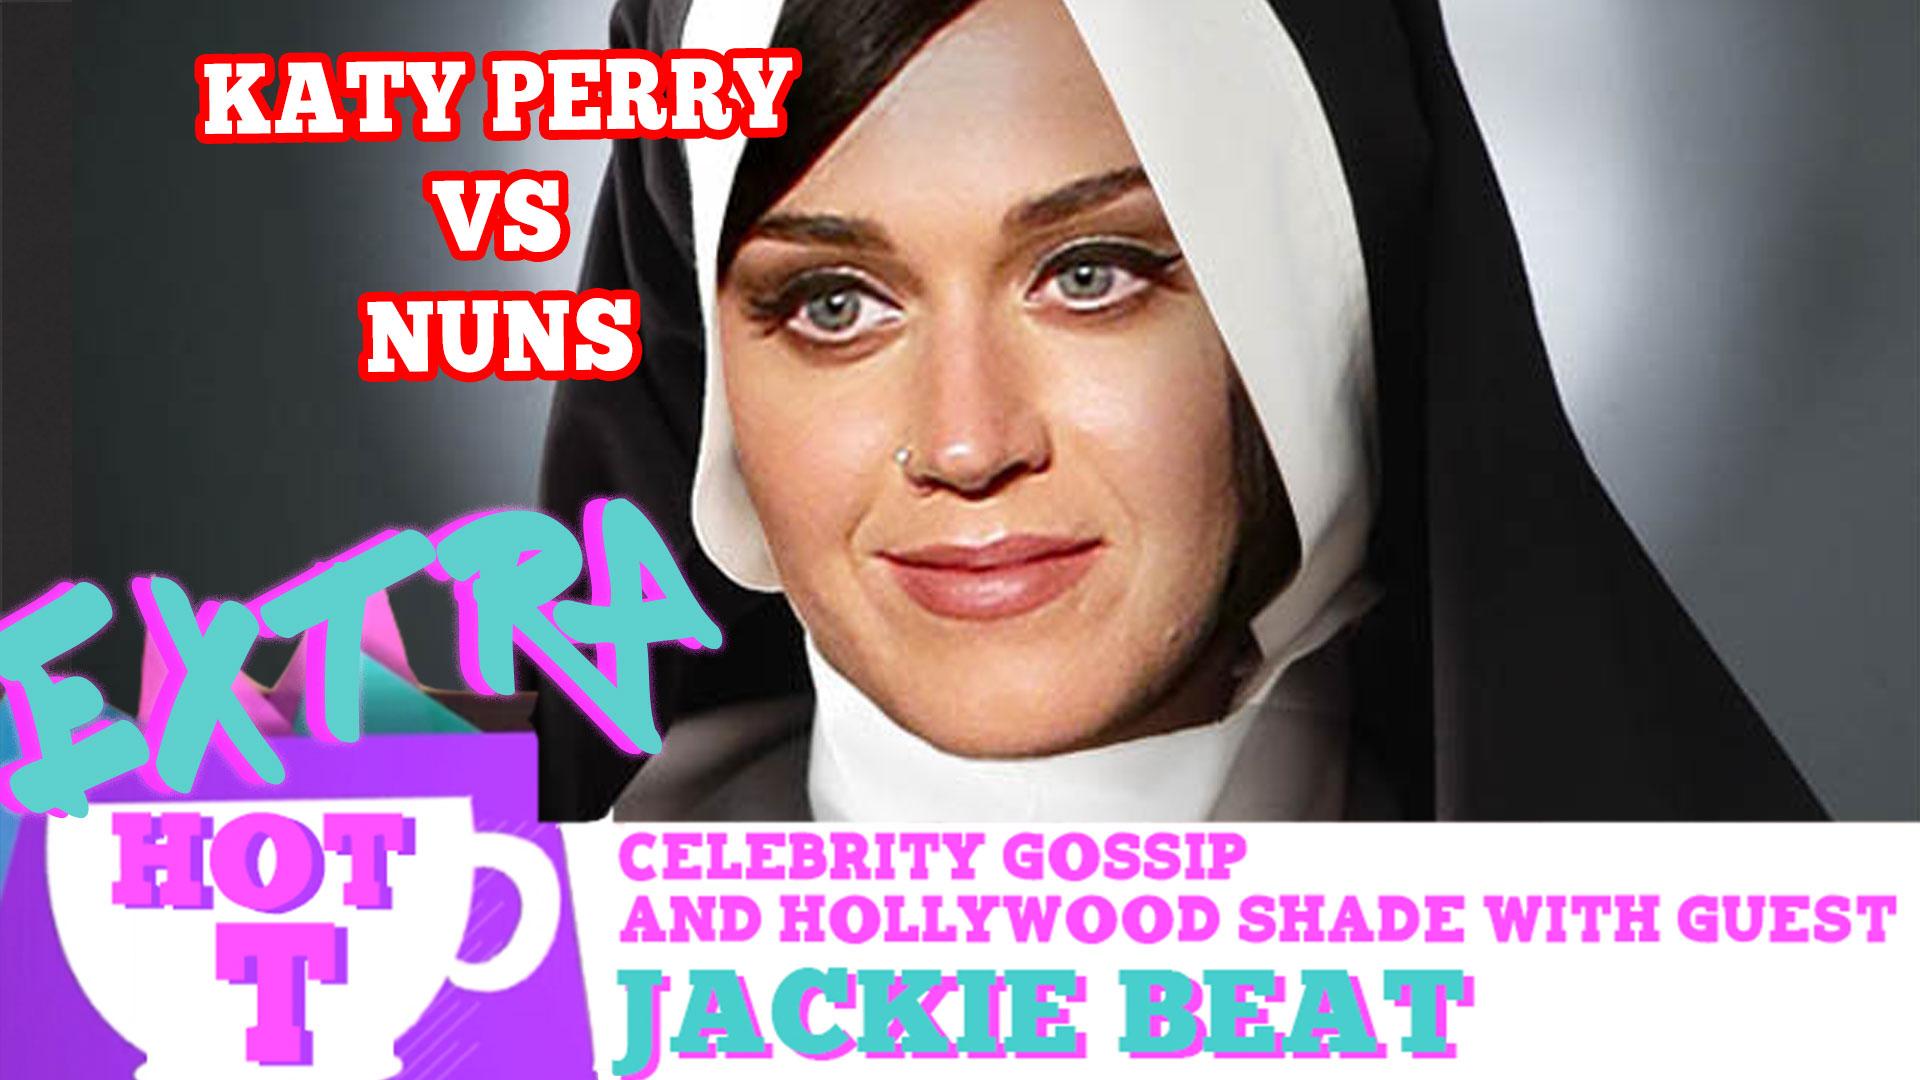 Katy Perry VS Nuns? Extra Hot T with Jackie Beat